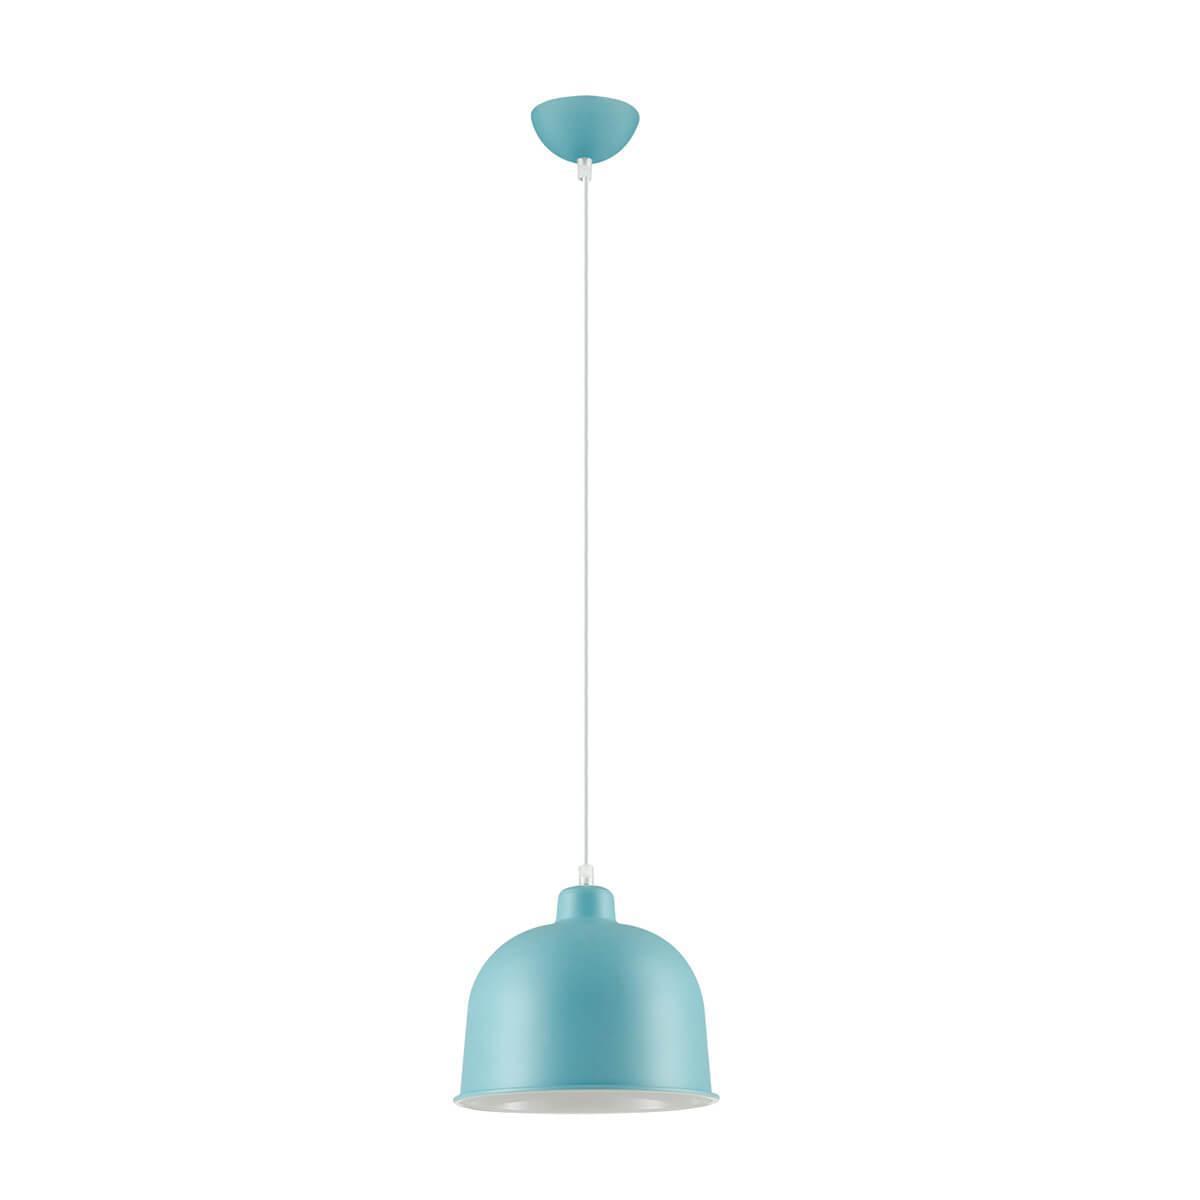 Подвесной светильник Lumion Rory 3656/1 подвесной светильник lumion rory 3656 1